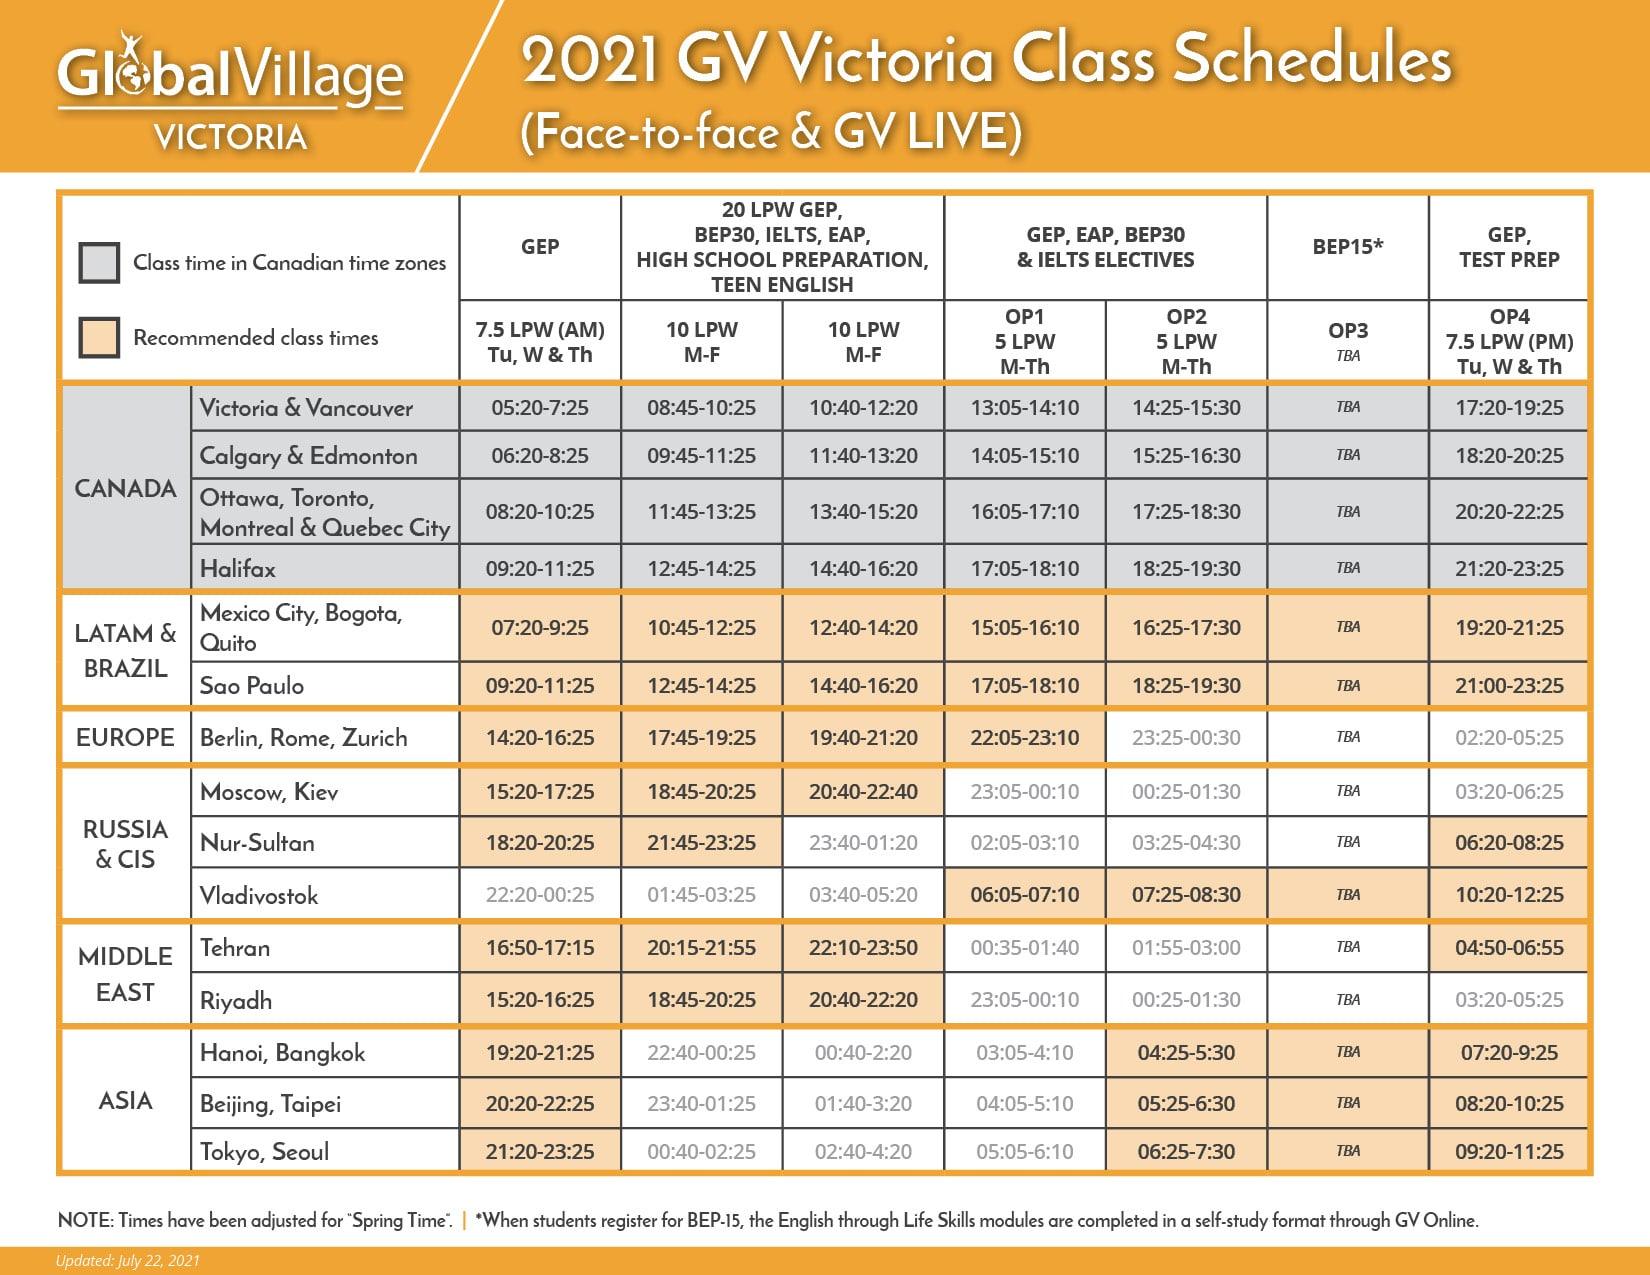 GV Victoria Class Schedule